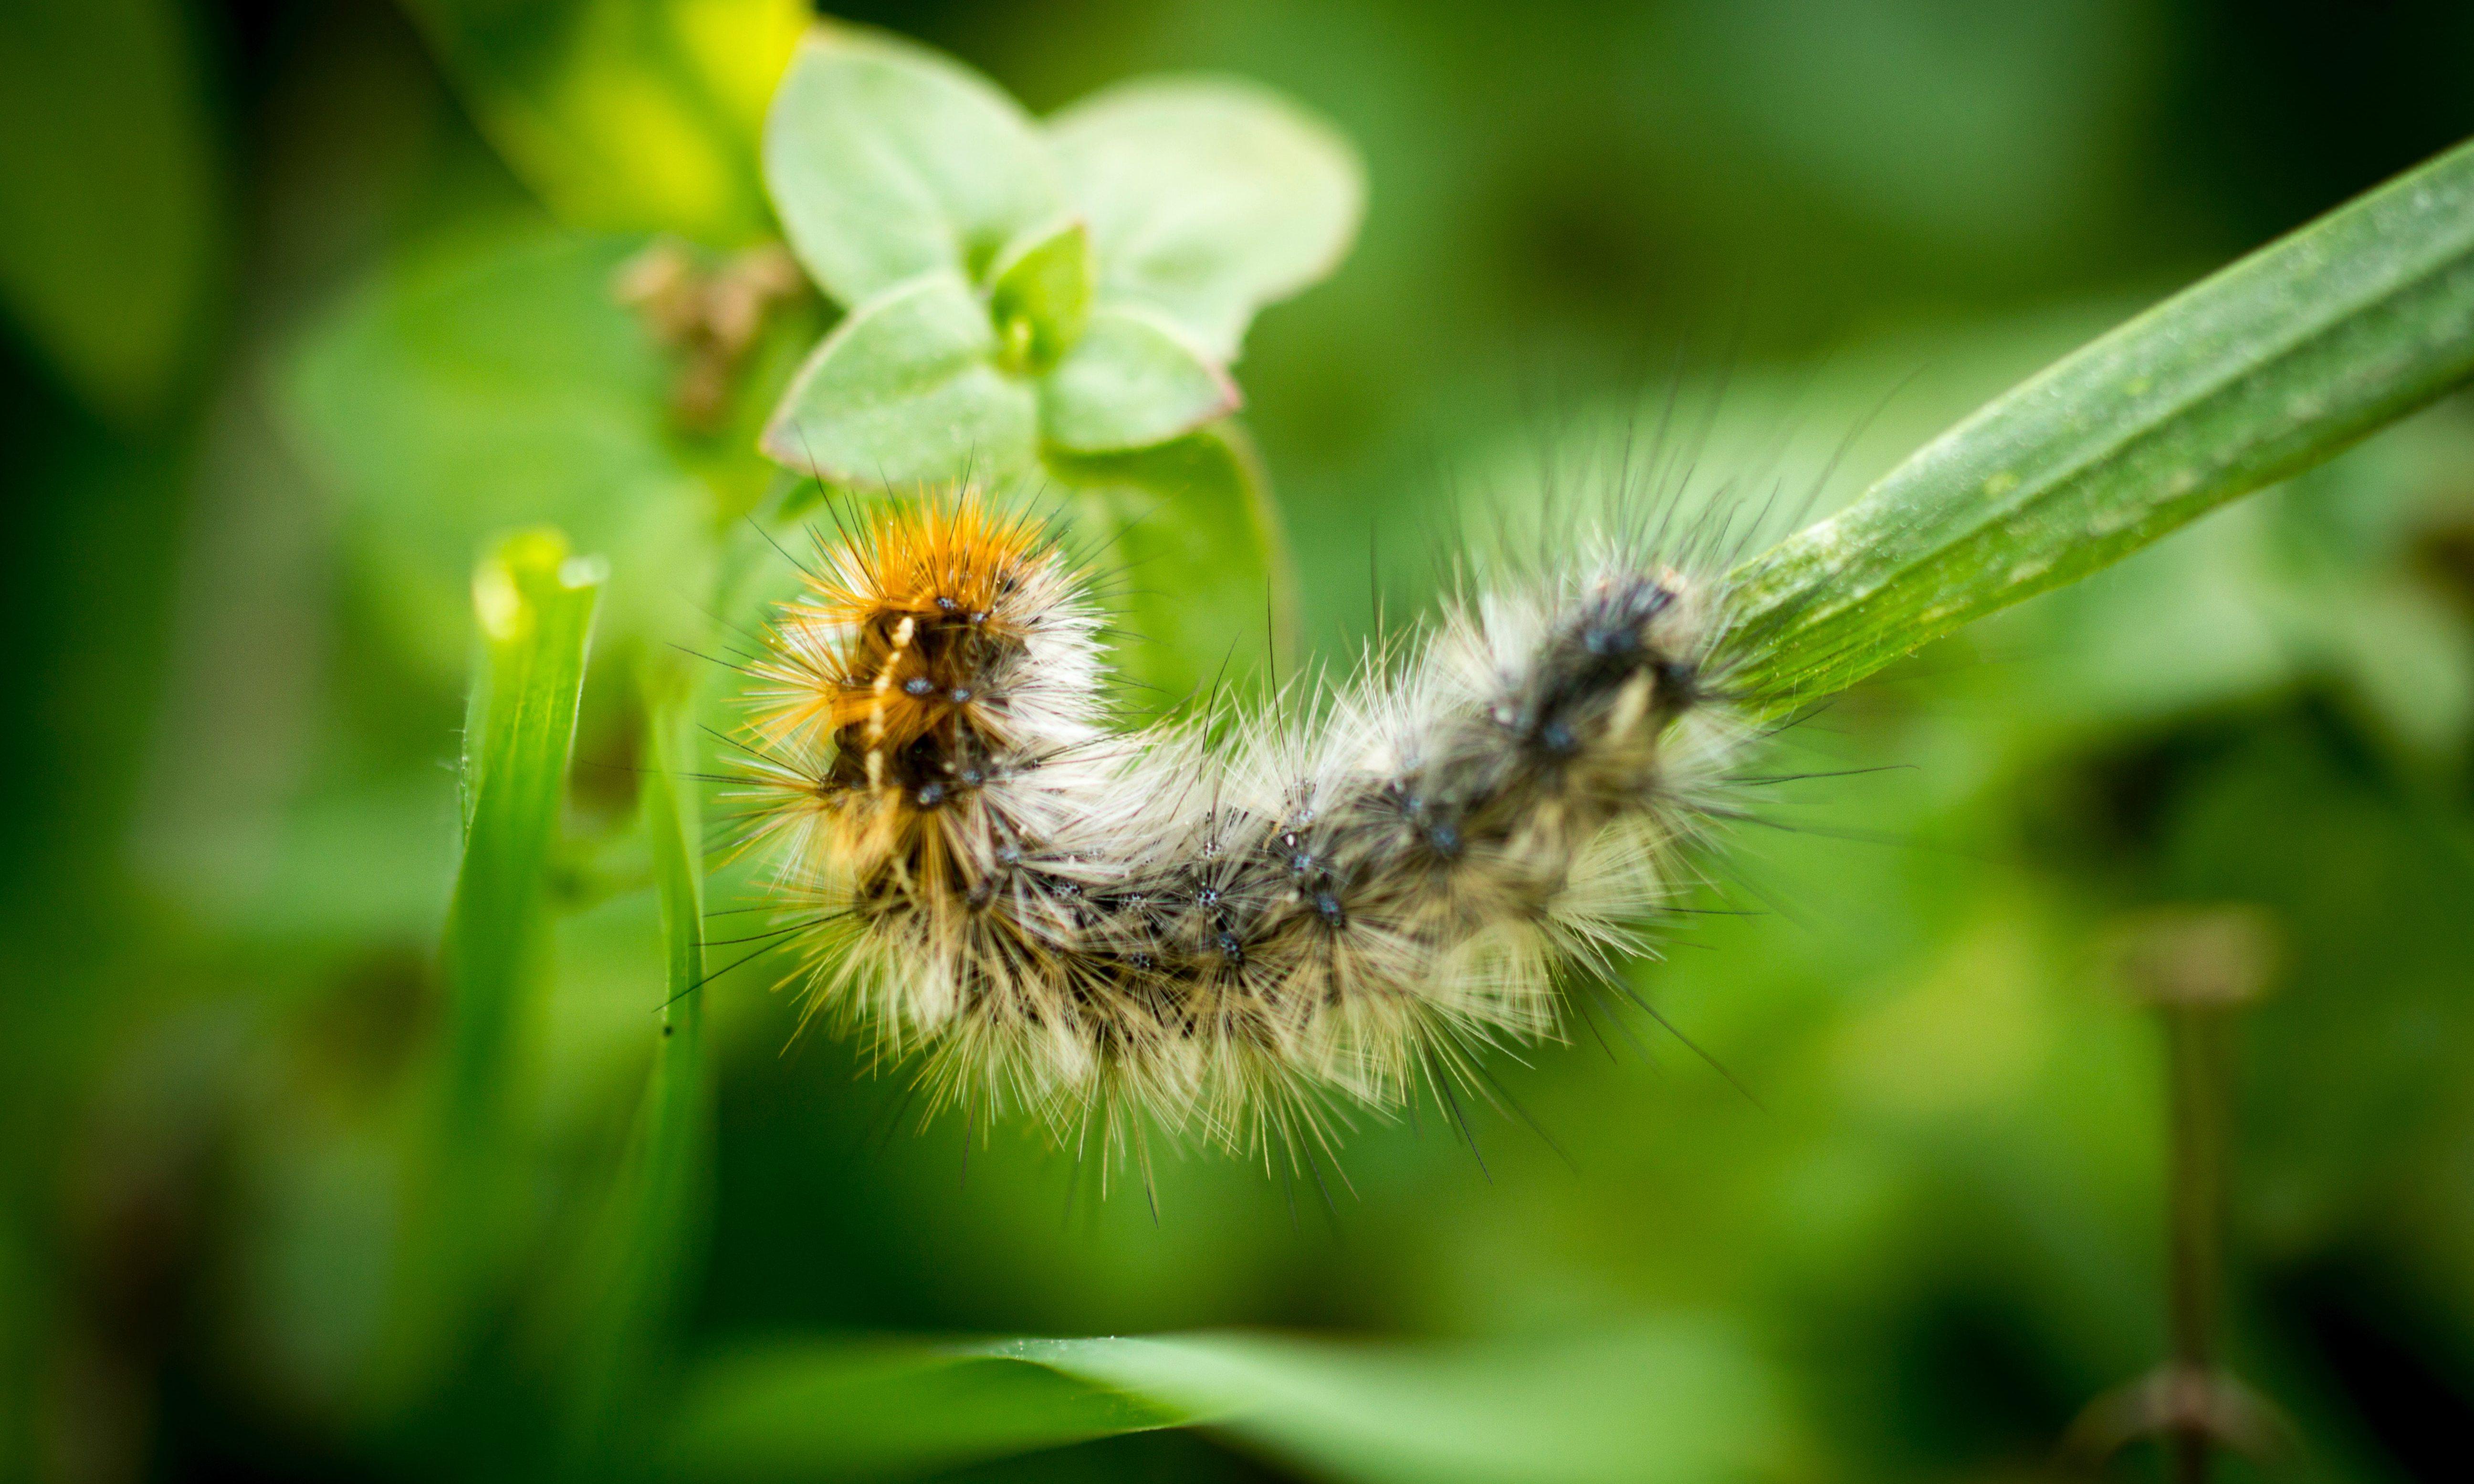 Caterpillar in Nature